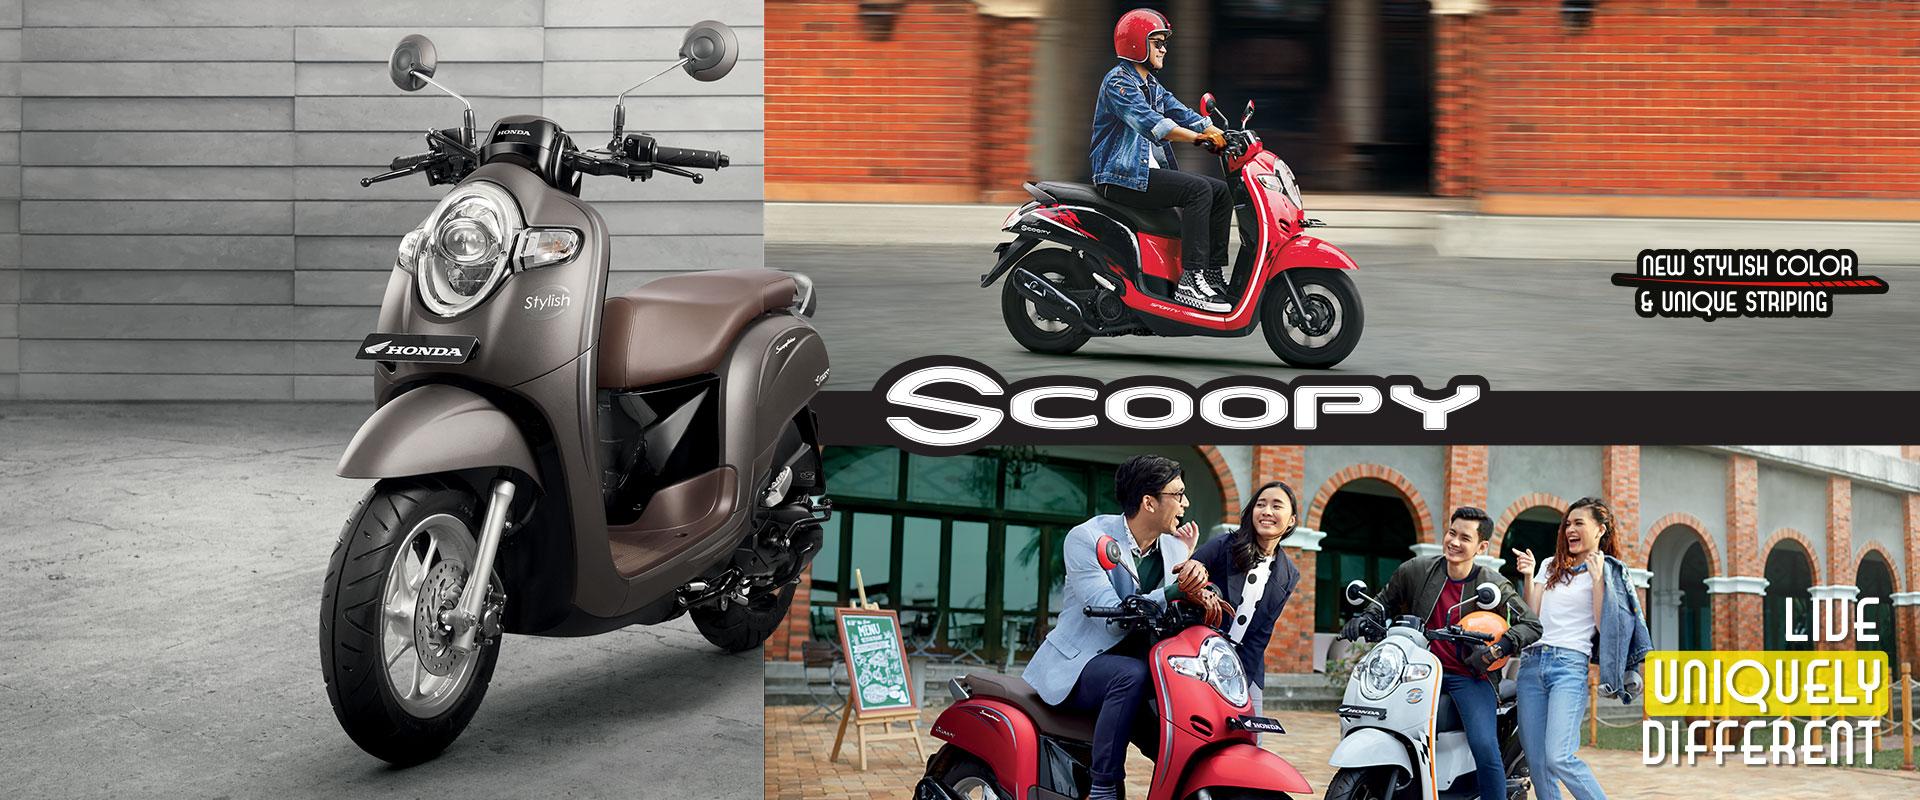 scoopyslider18031